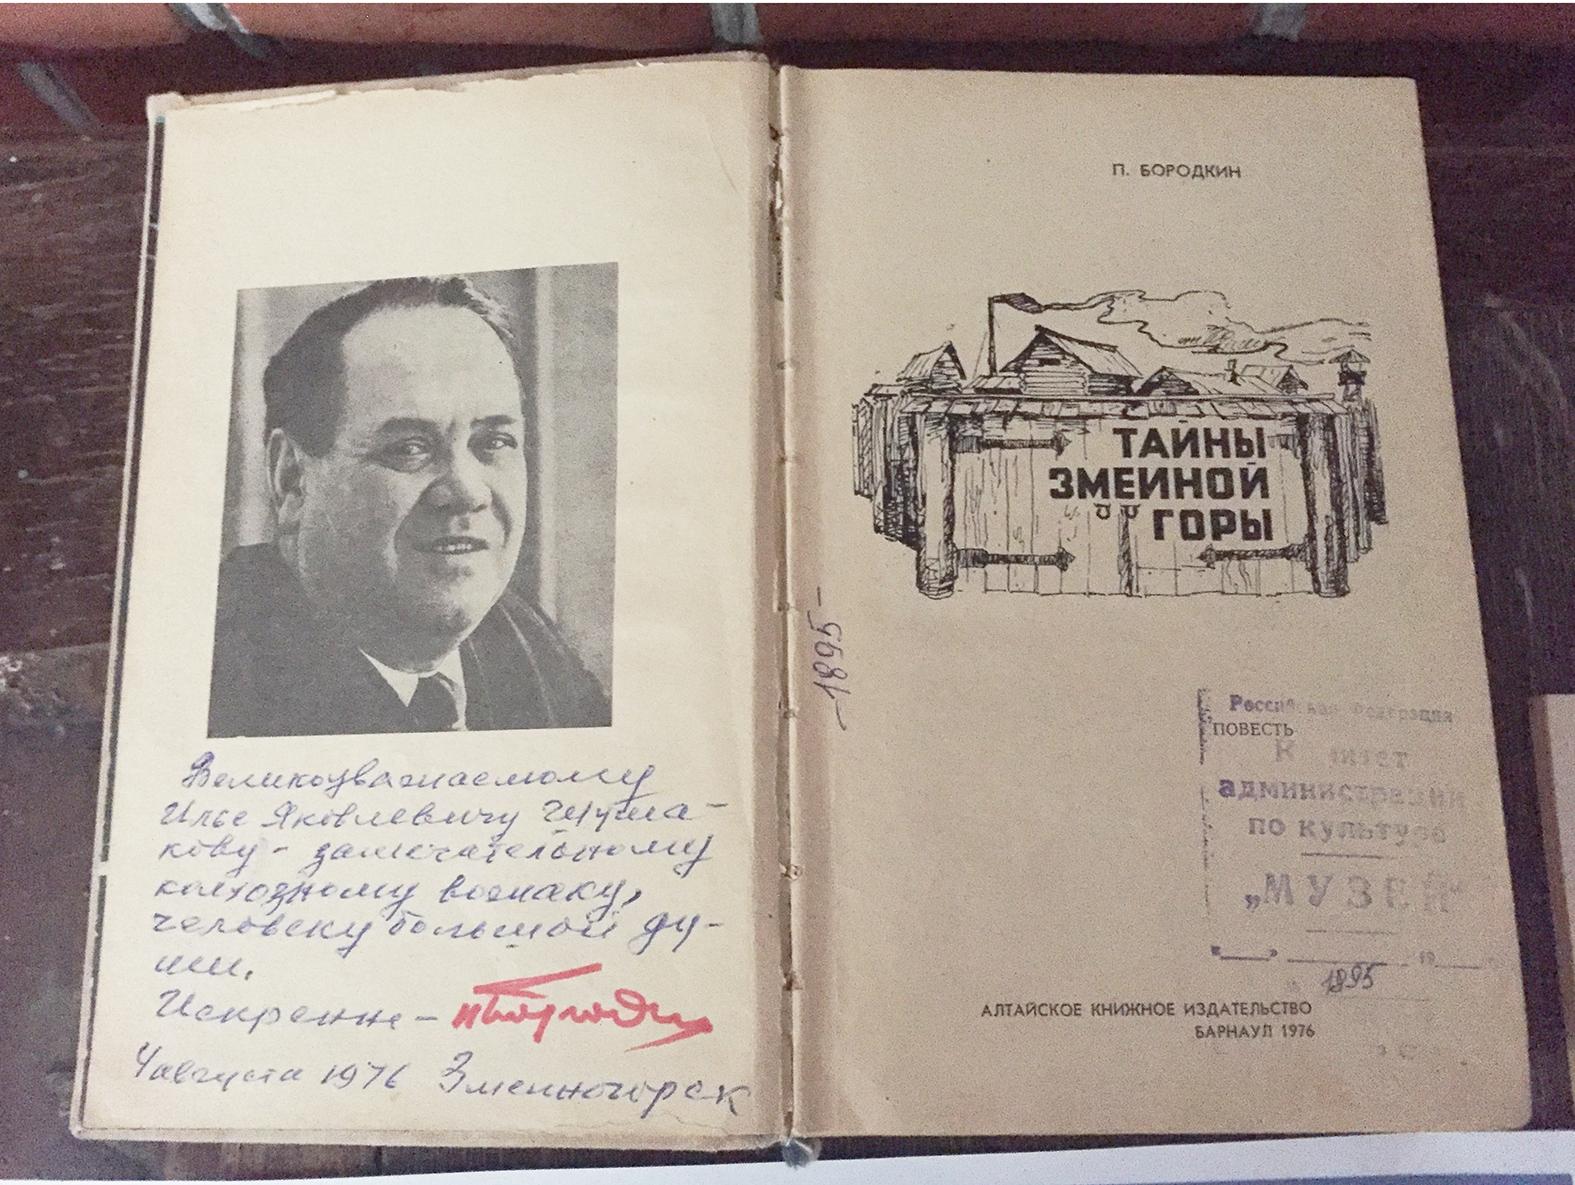 В Змеиногорском музее обнаружен автограф автора книги «Тайны Змеиной горы»